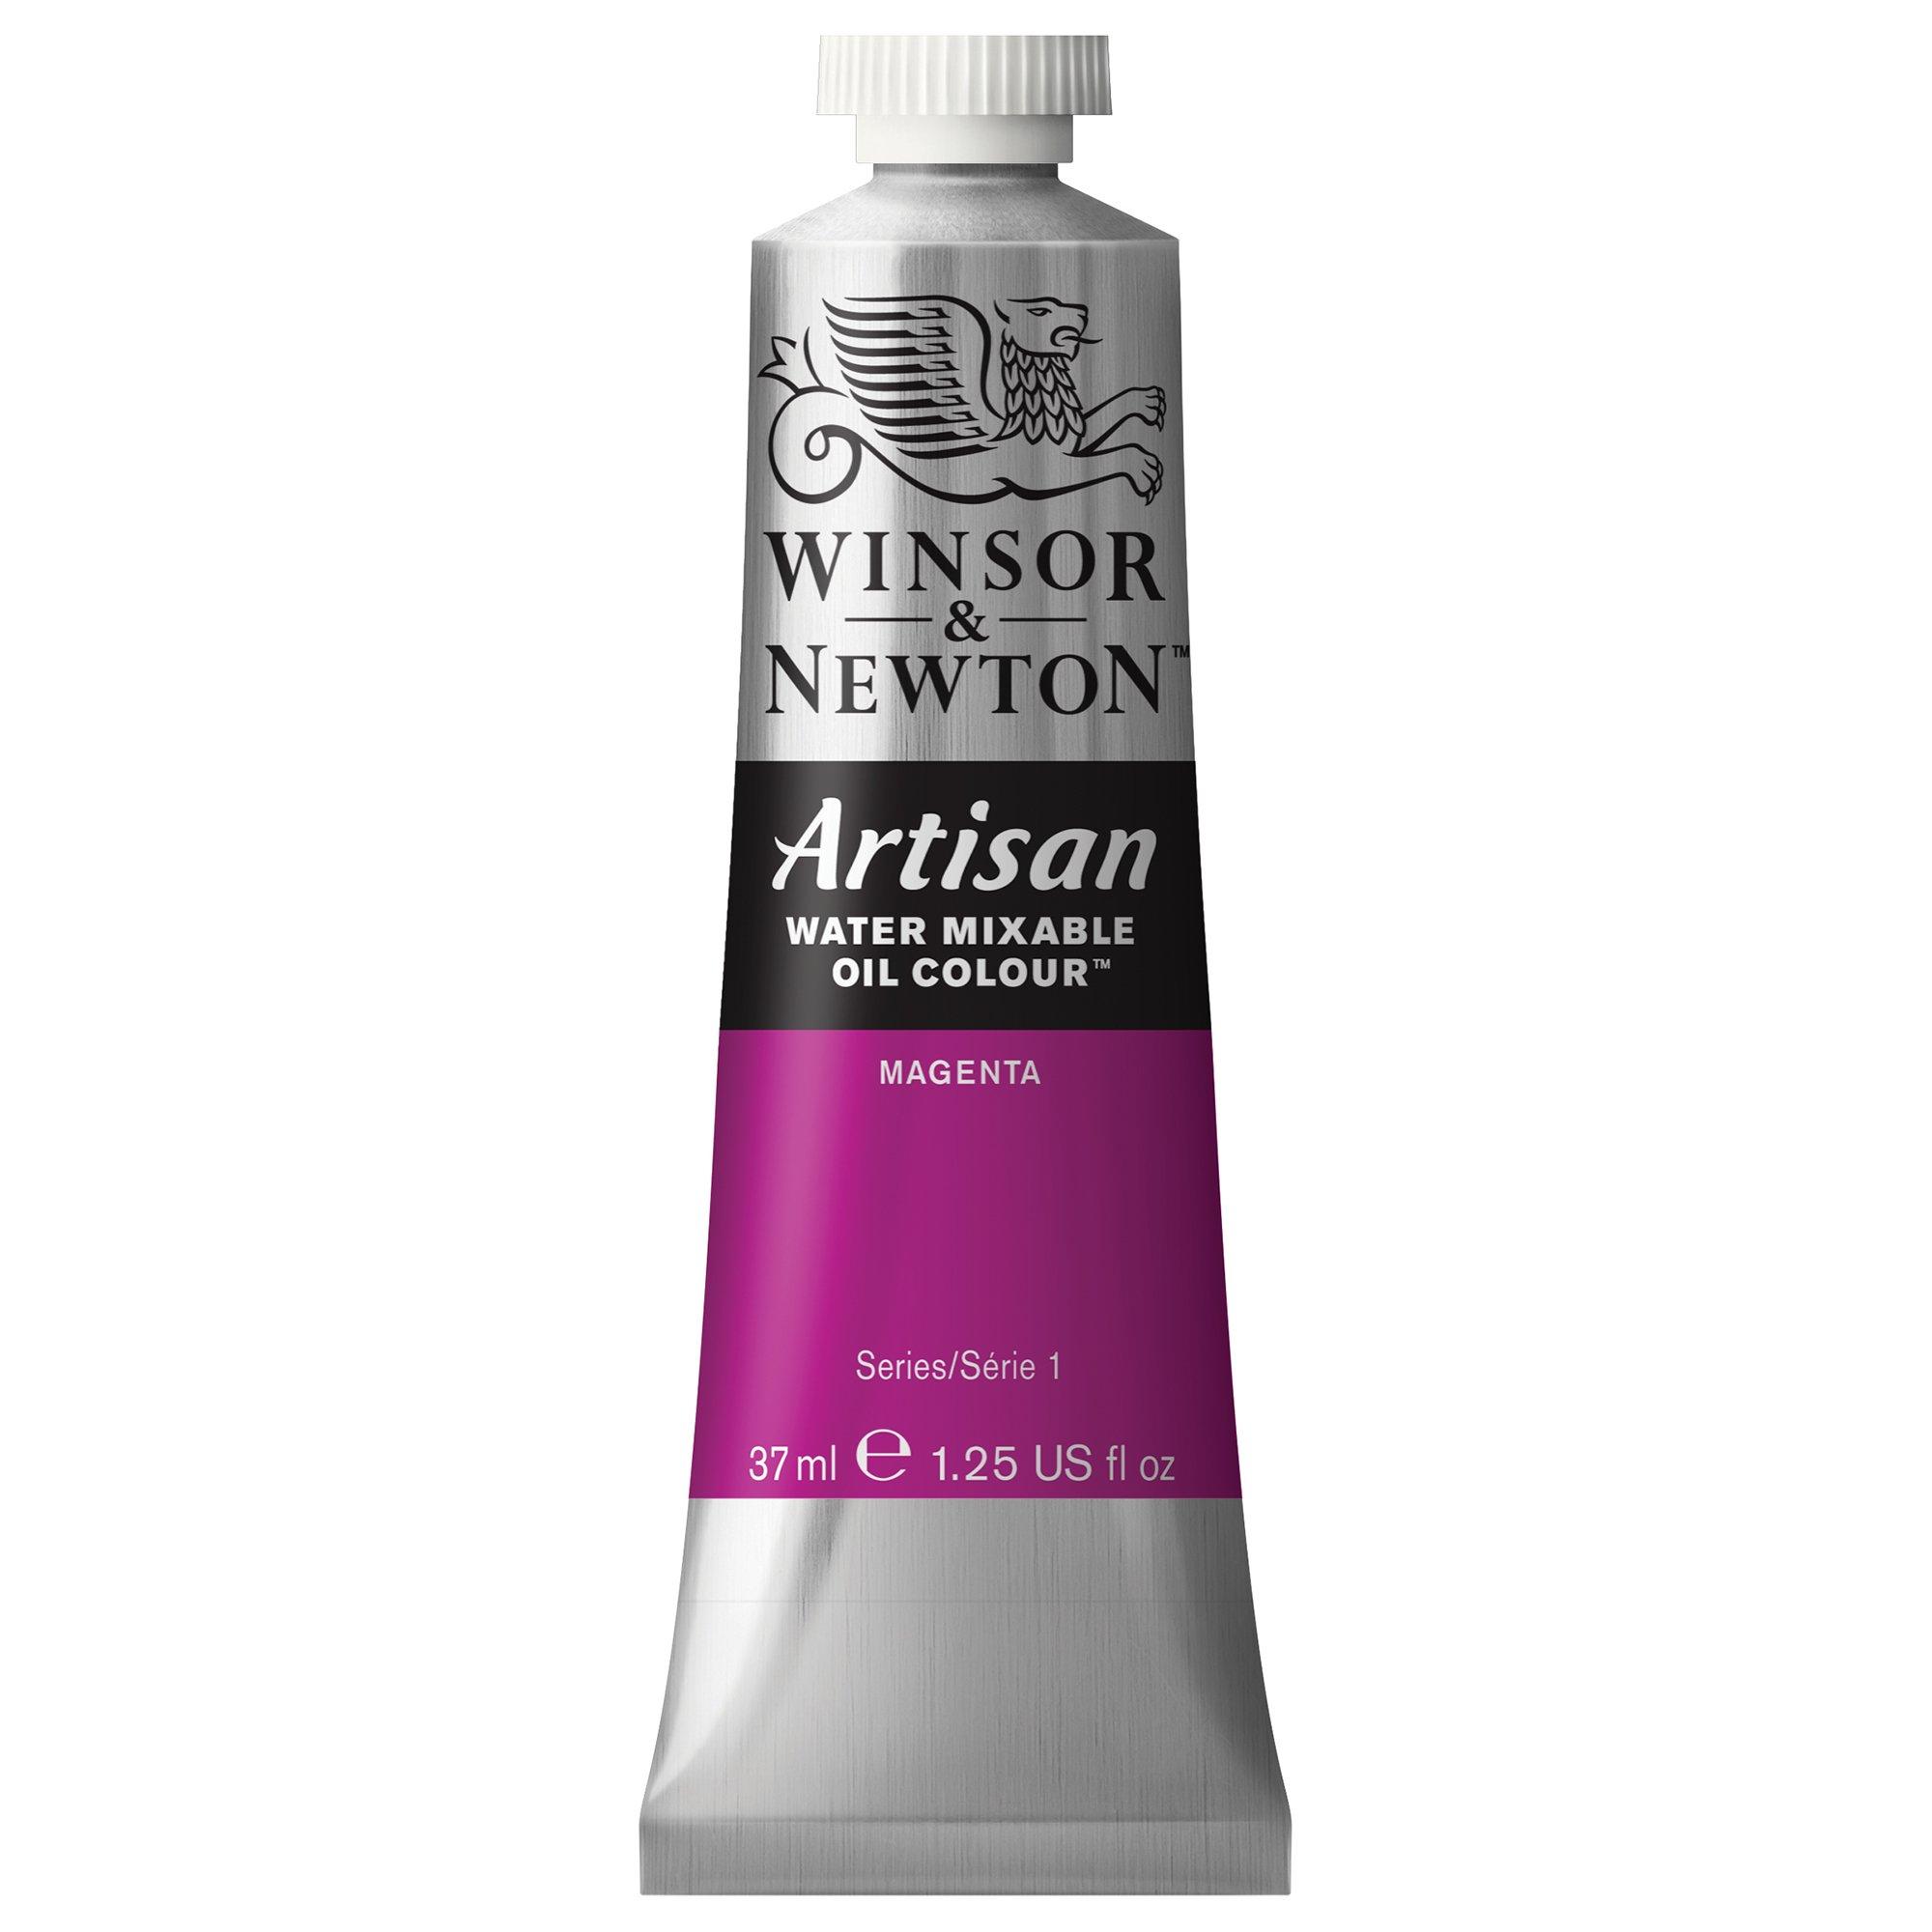 Winsor & Newton 1514380 Artisan Water Mixable Oil Colour, 37ml Tube, Magenta, 37-ml